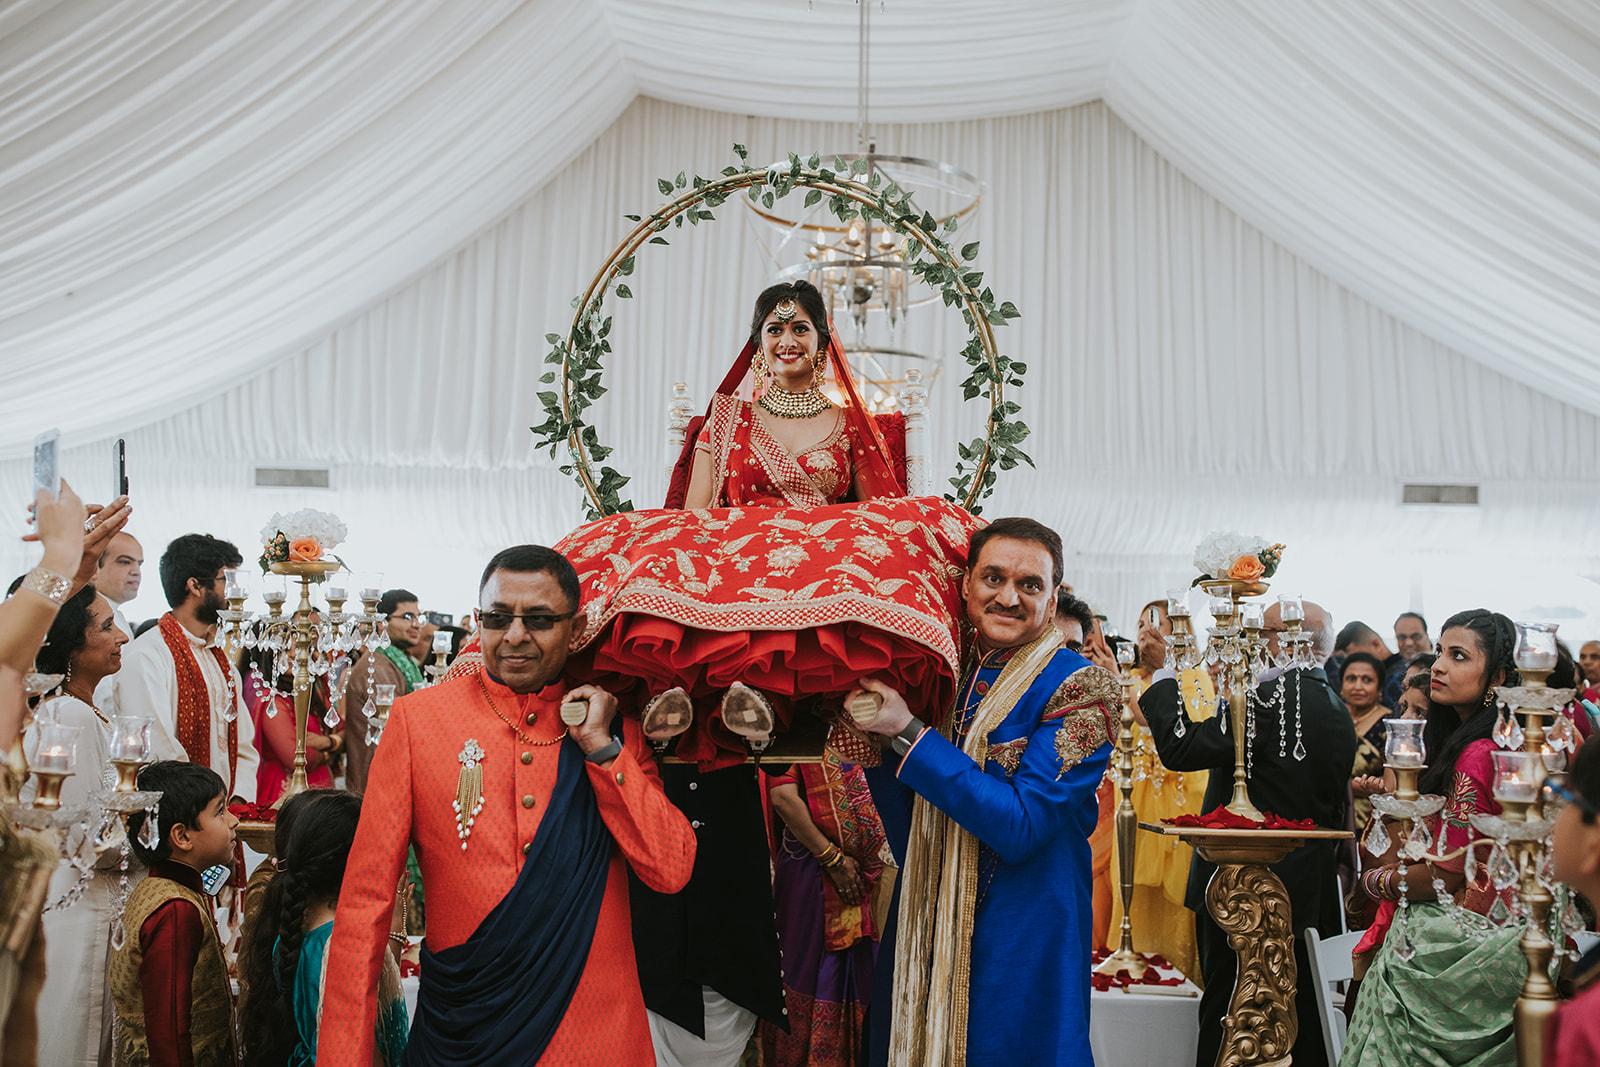 Le Cape Weddings - Ceremony - Rimi and Rohun -27.jpg